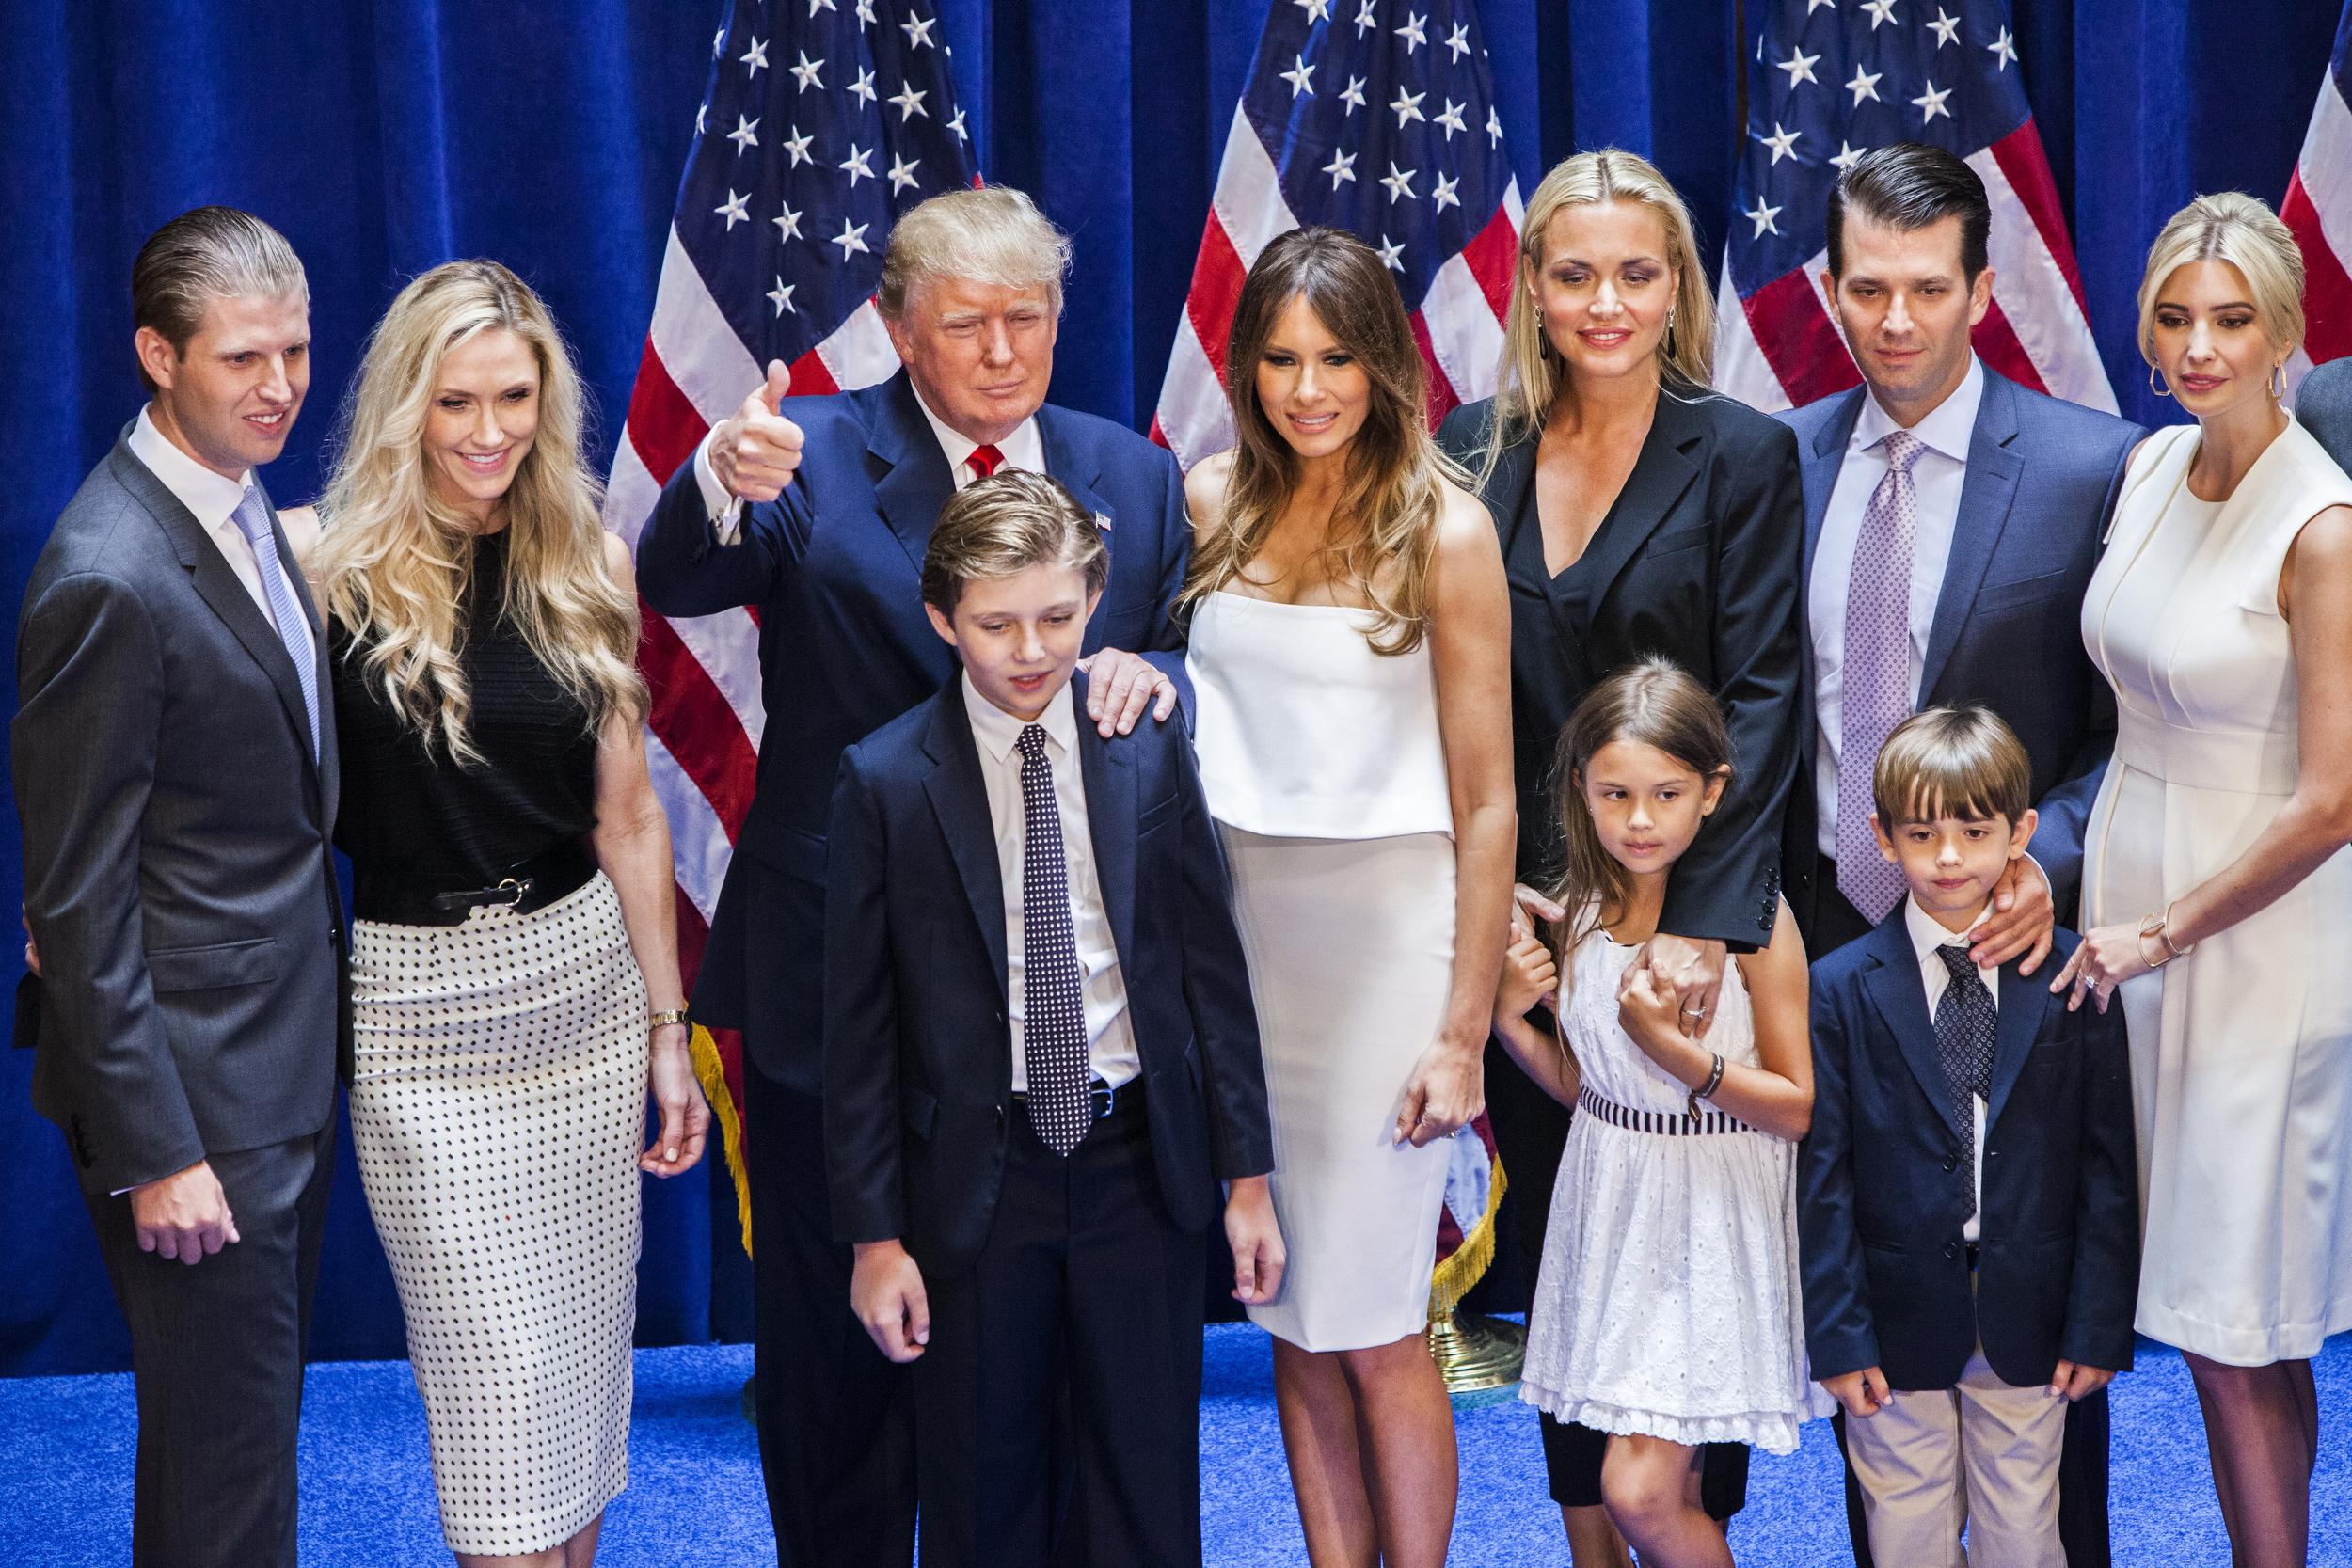 Трамп удивился, что журналисты смогли воспитать детей - Газета. ру